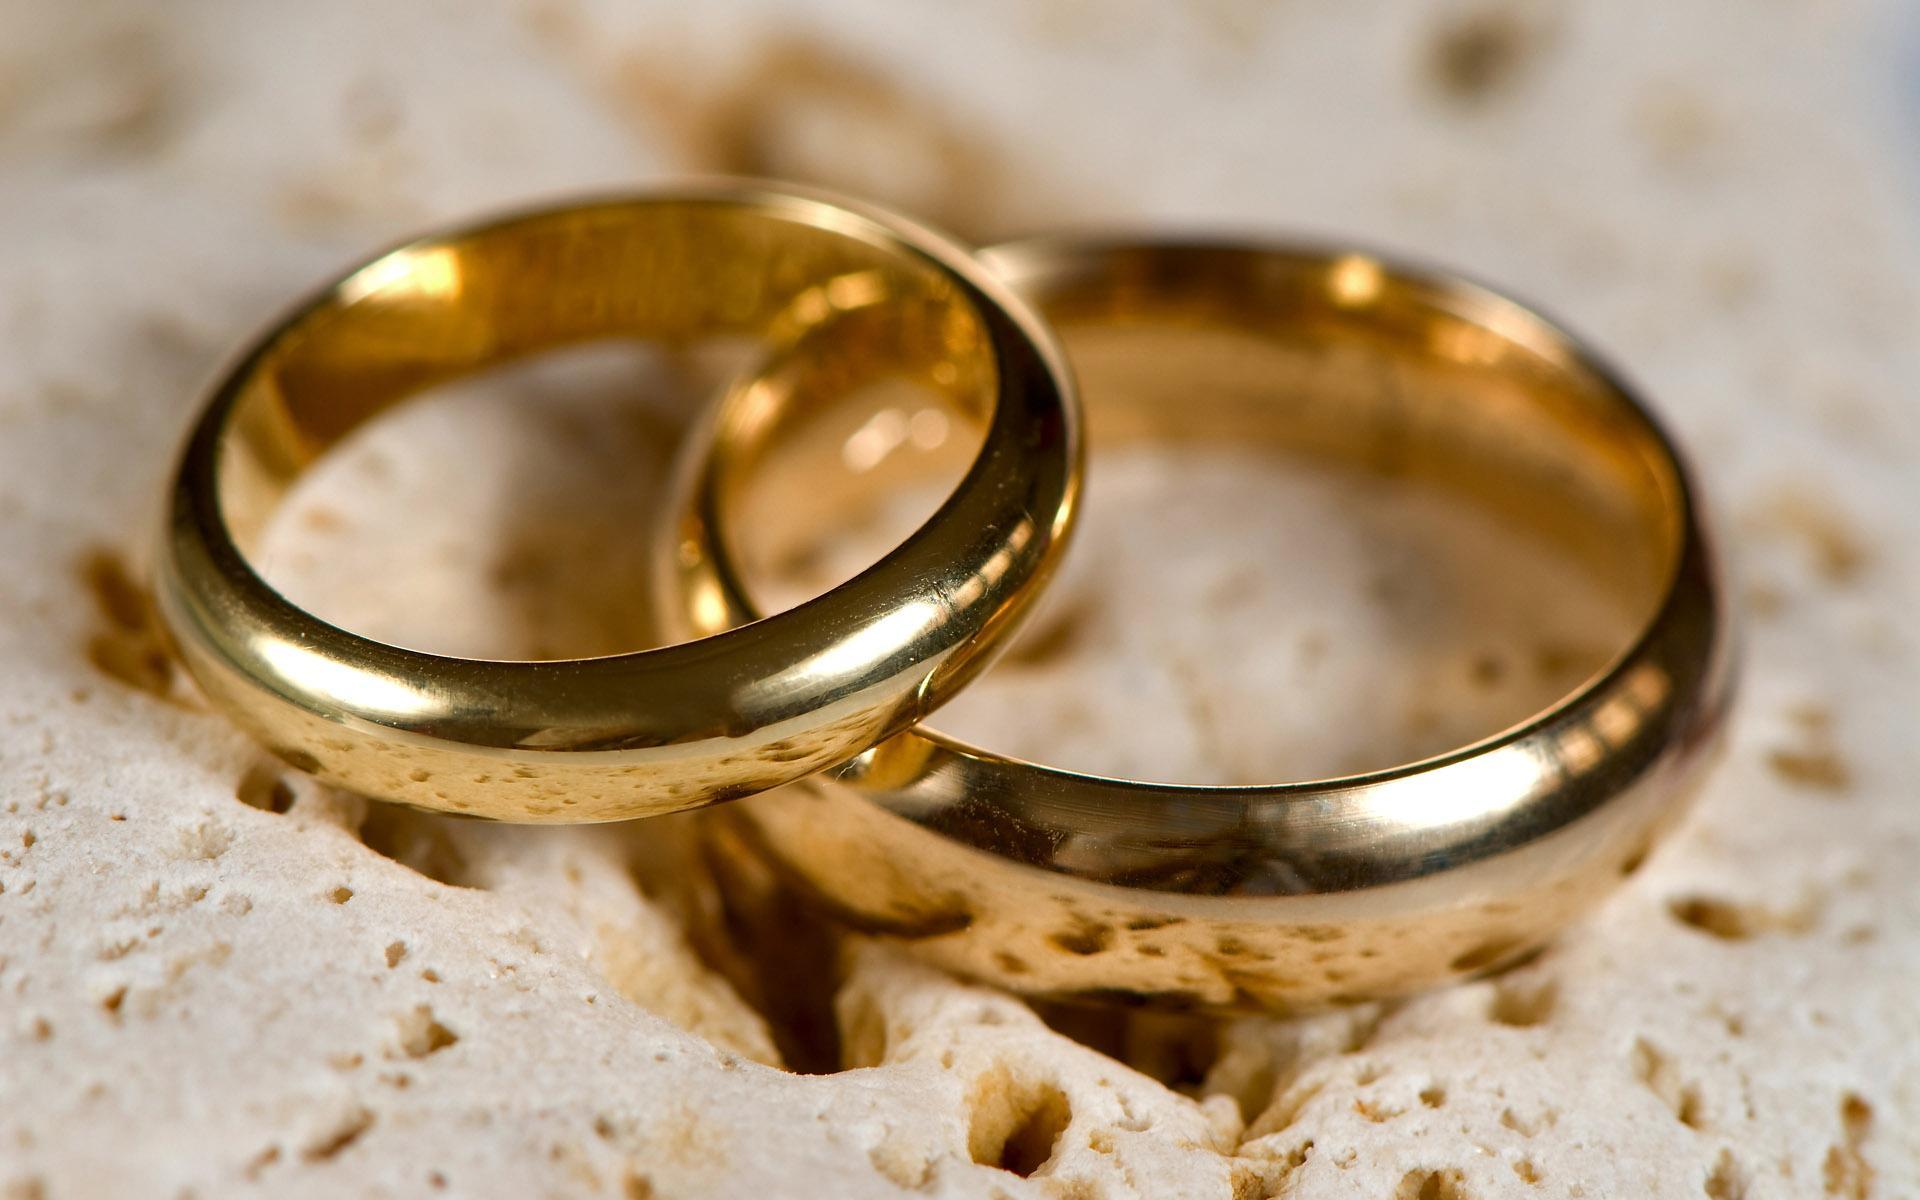 جزئیات هدیه برای ازدواج دختران زیر ۲۰سال